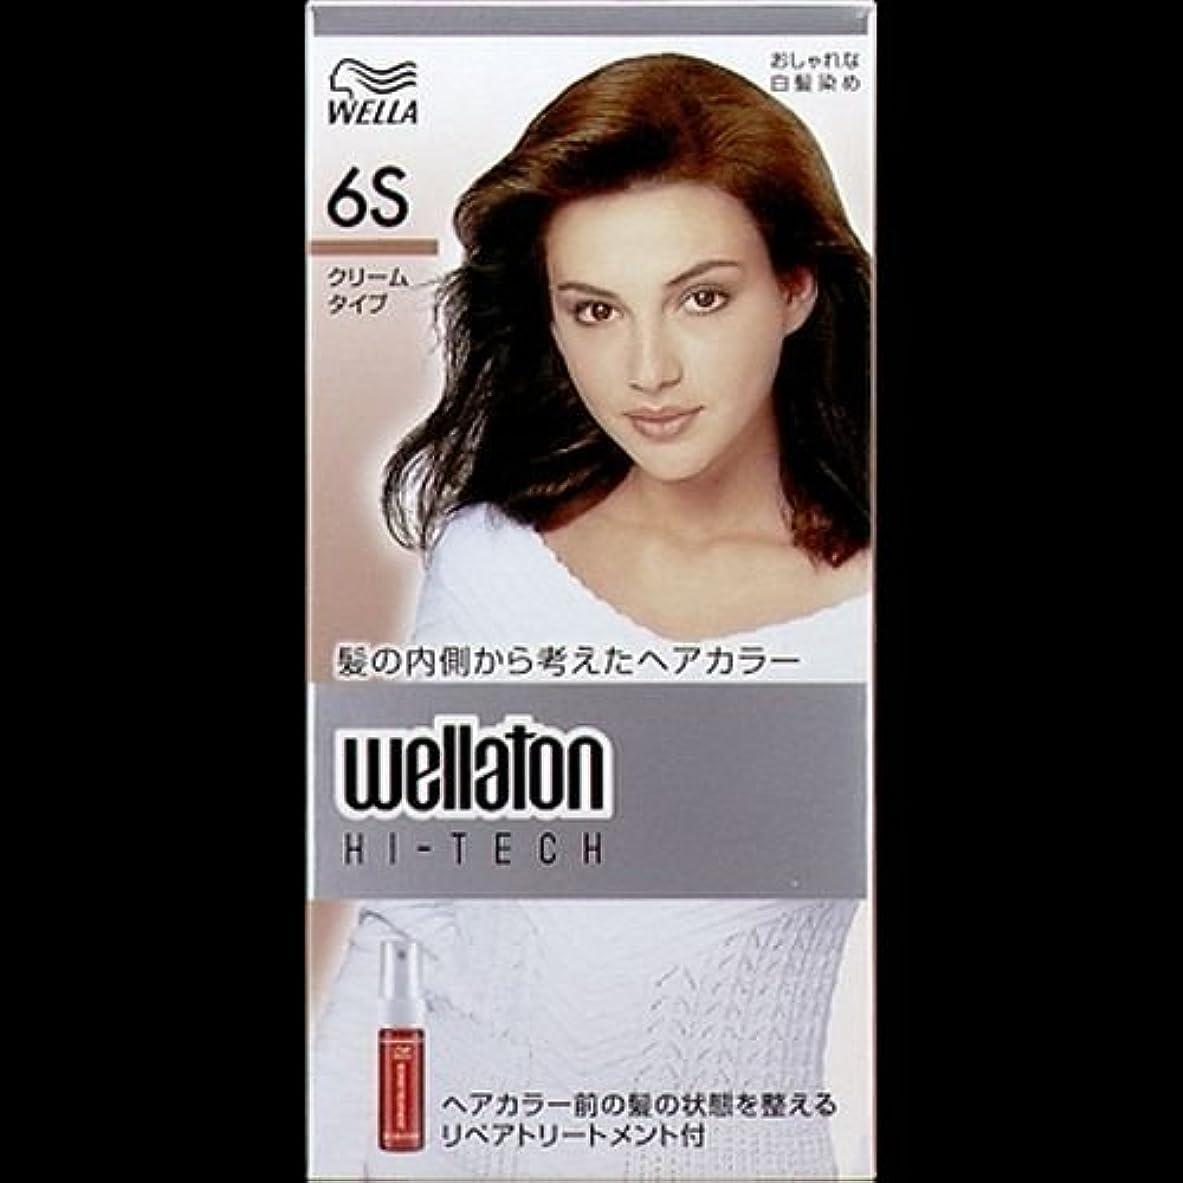 【まとめ買い】ウエラトーン ハイテッククリーム 6S ×2セット